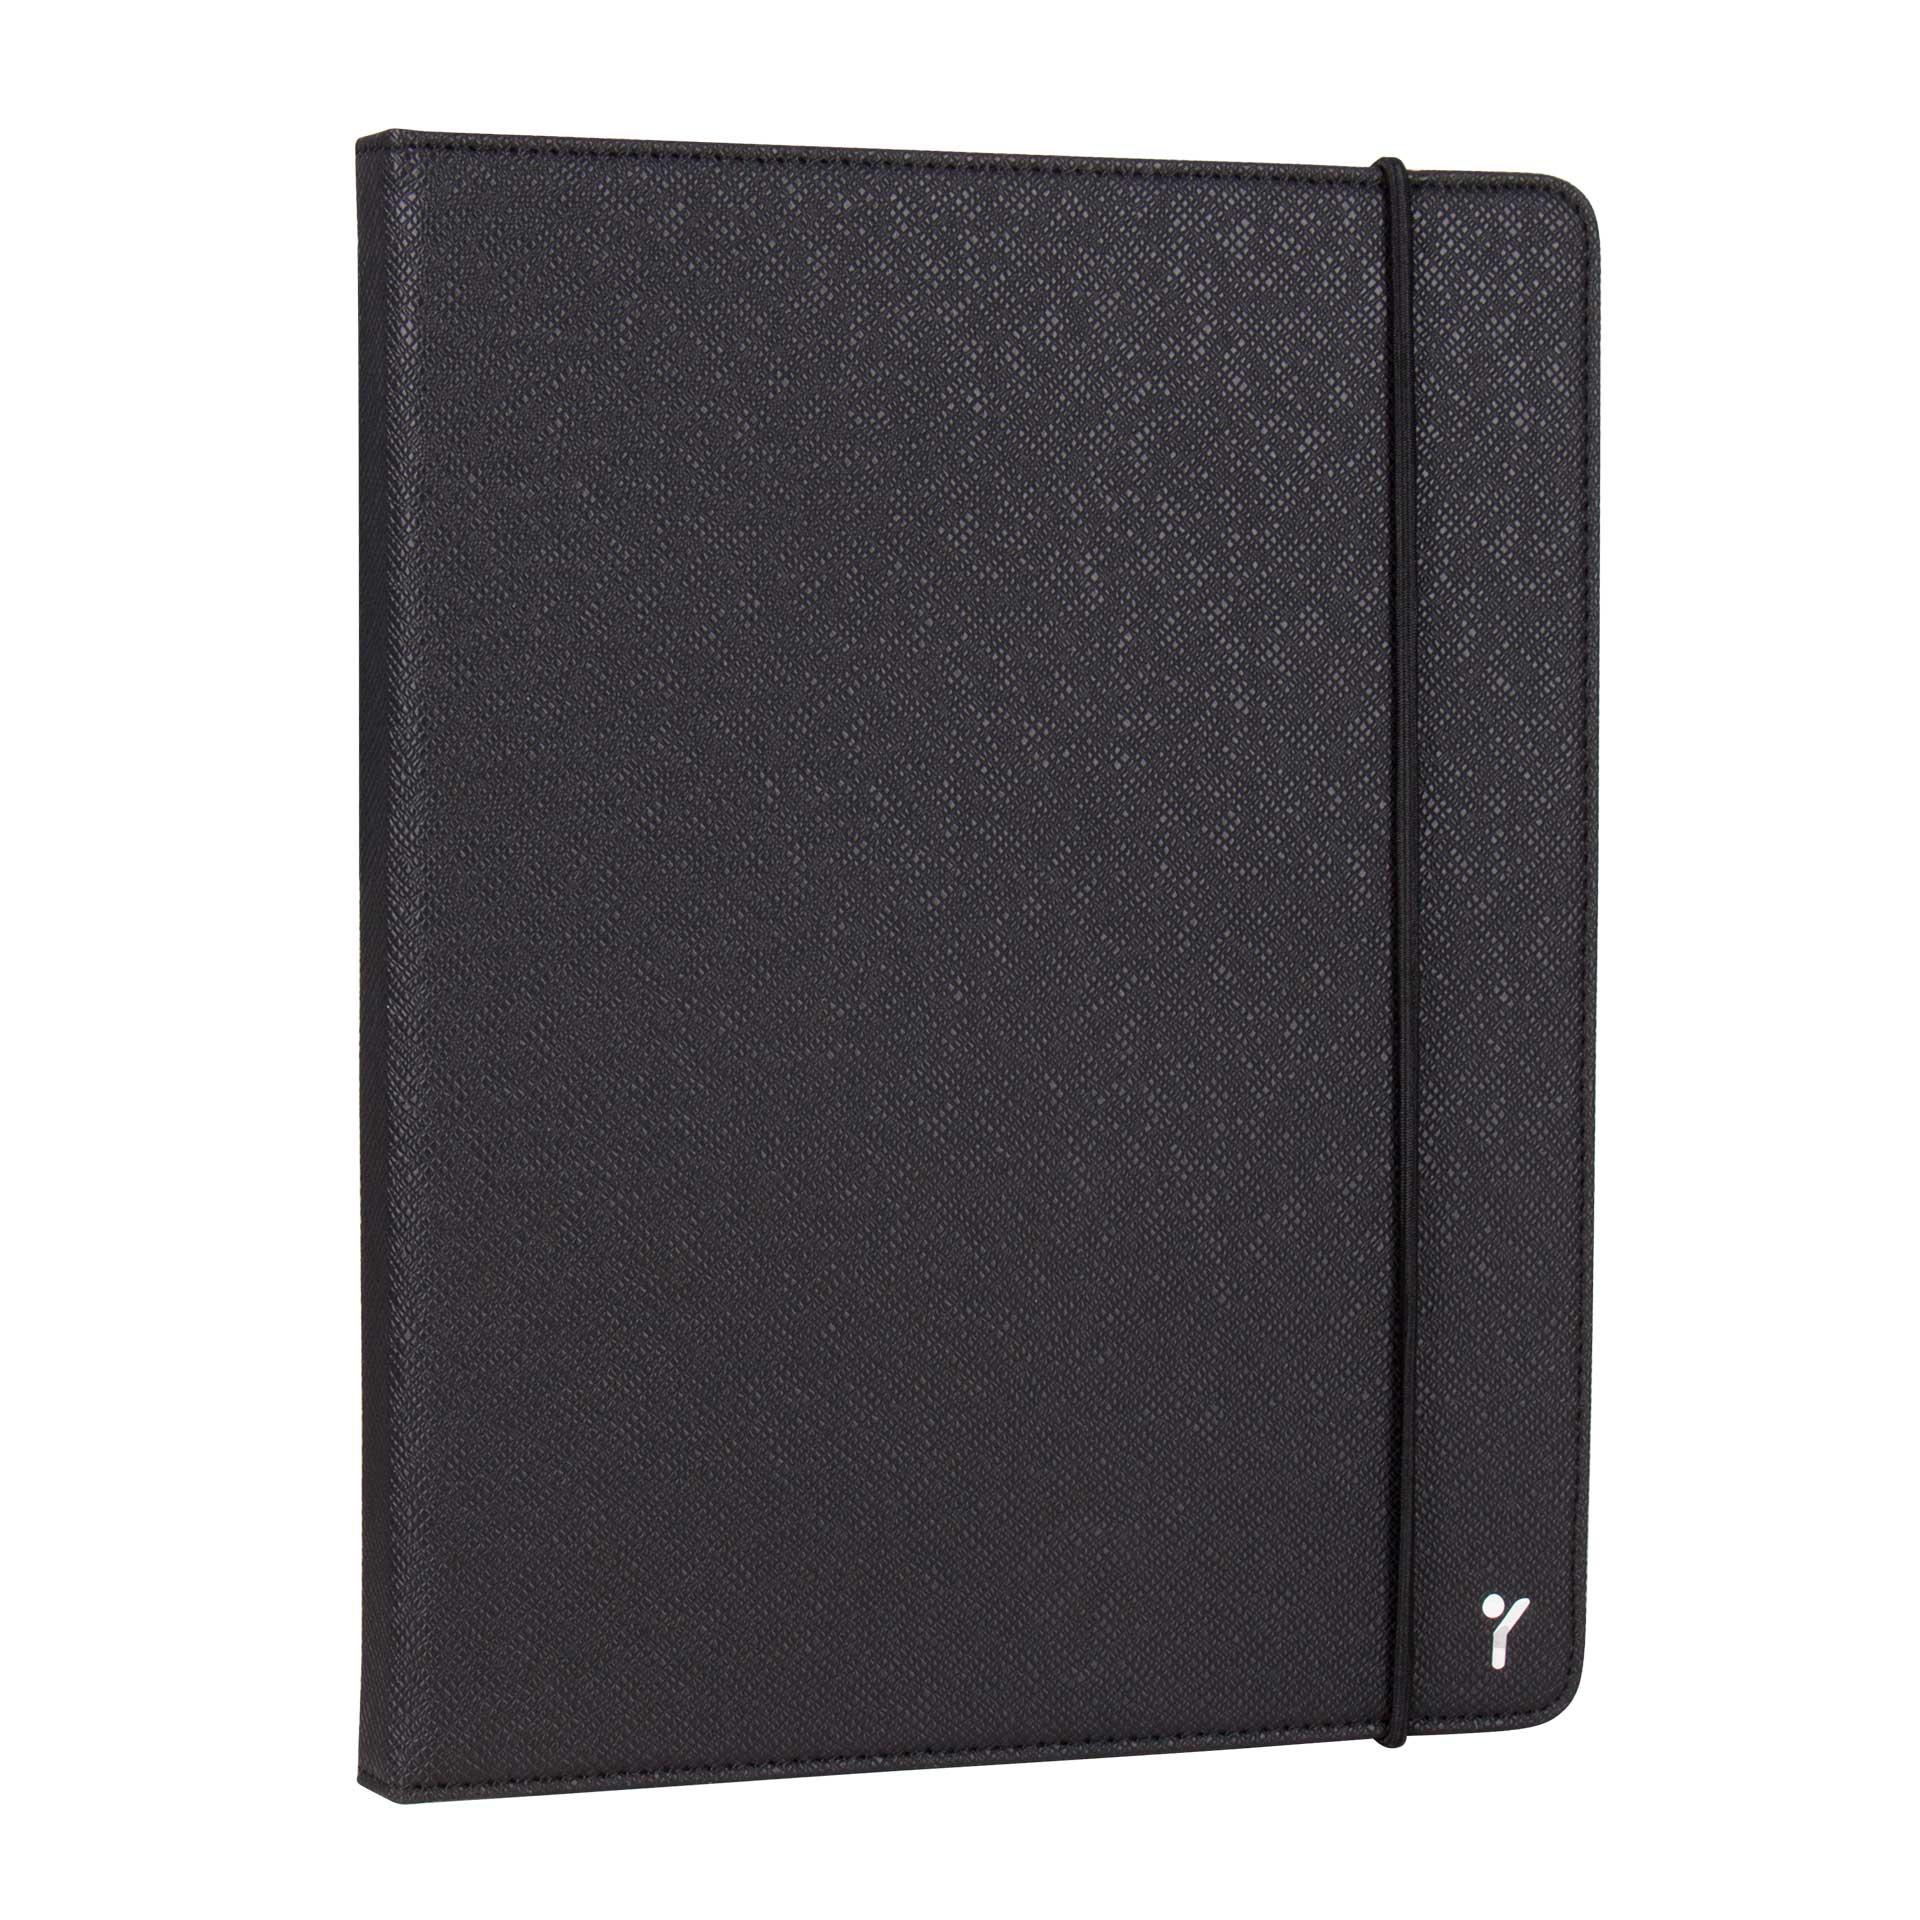 Folio360 MagConnect™レザーカバー  (iPad 9.7インチ/第5世代/第6世代)セット